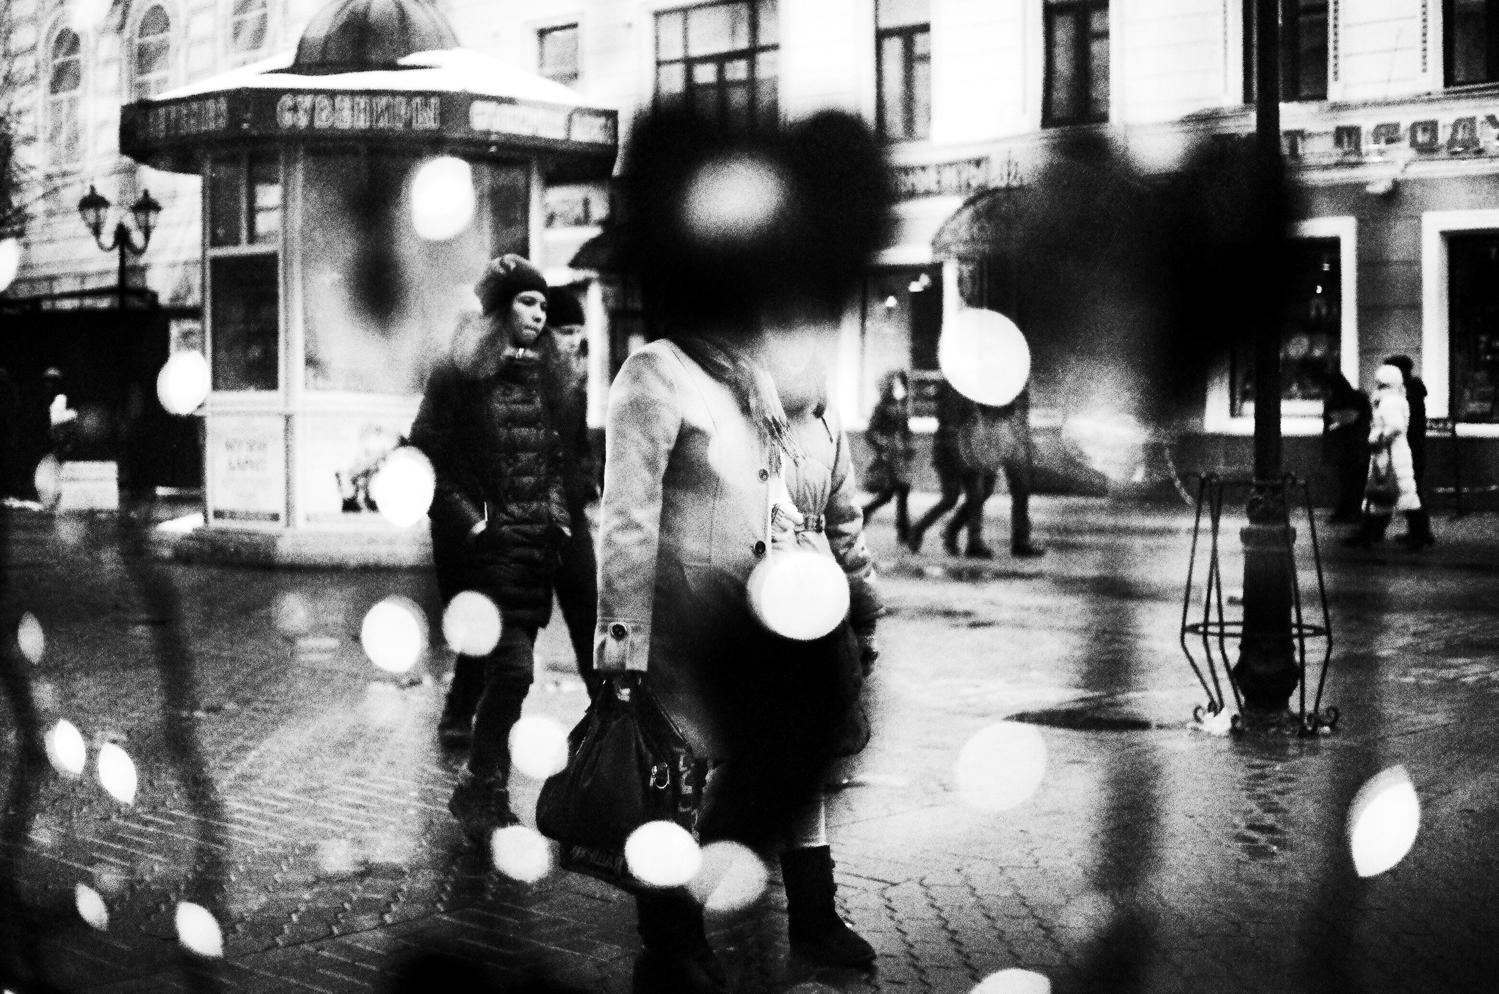 город, улица, люди, чб, чбфото, Алексей Серпов